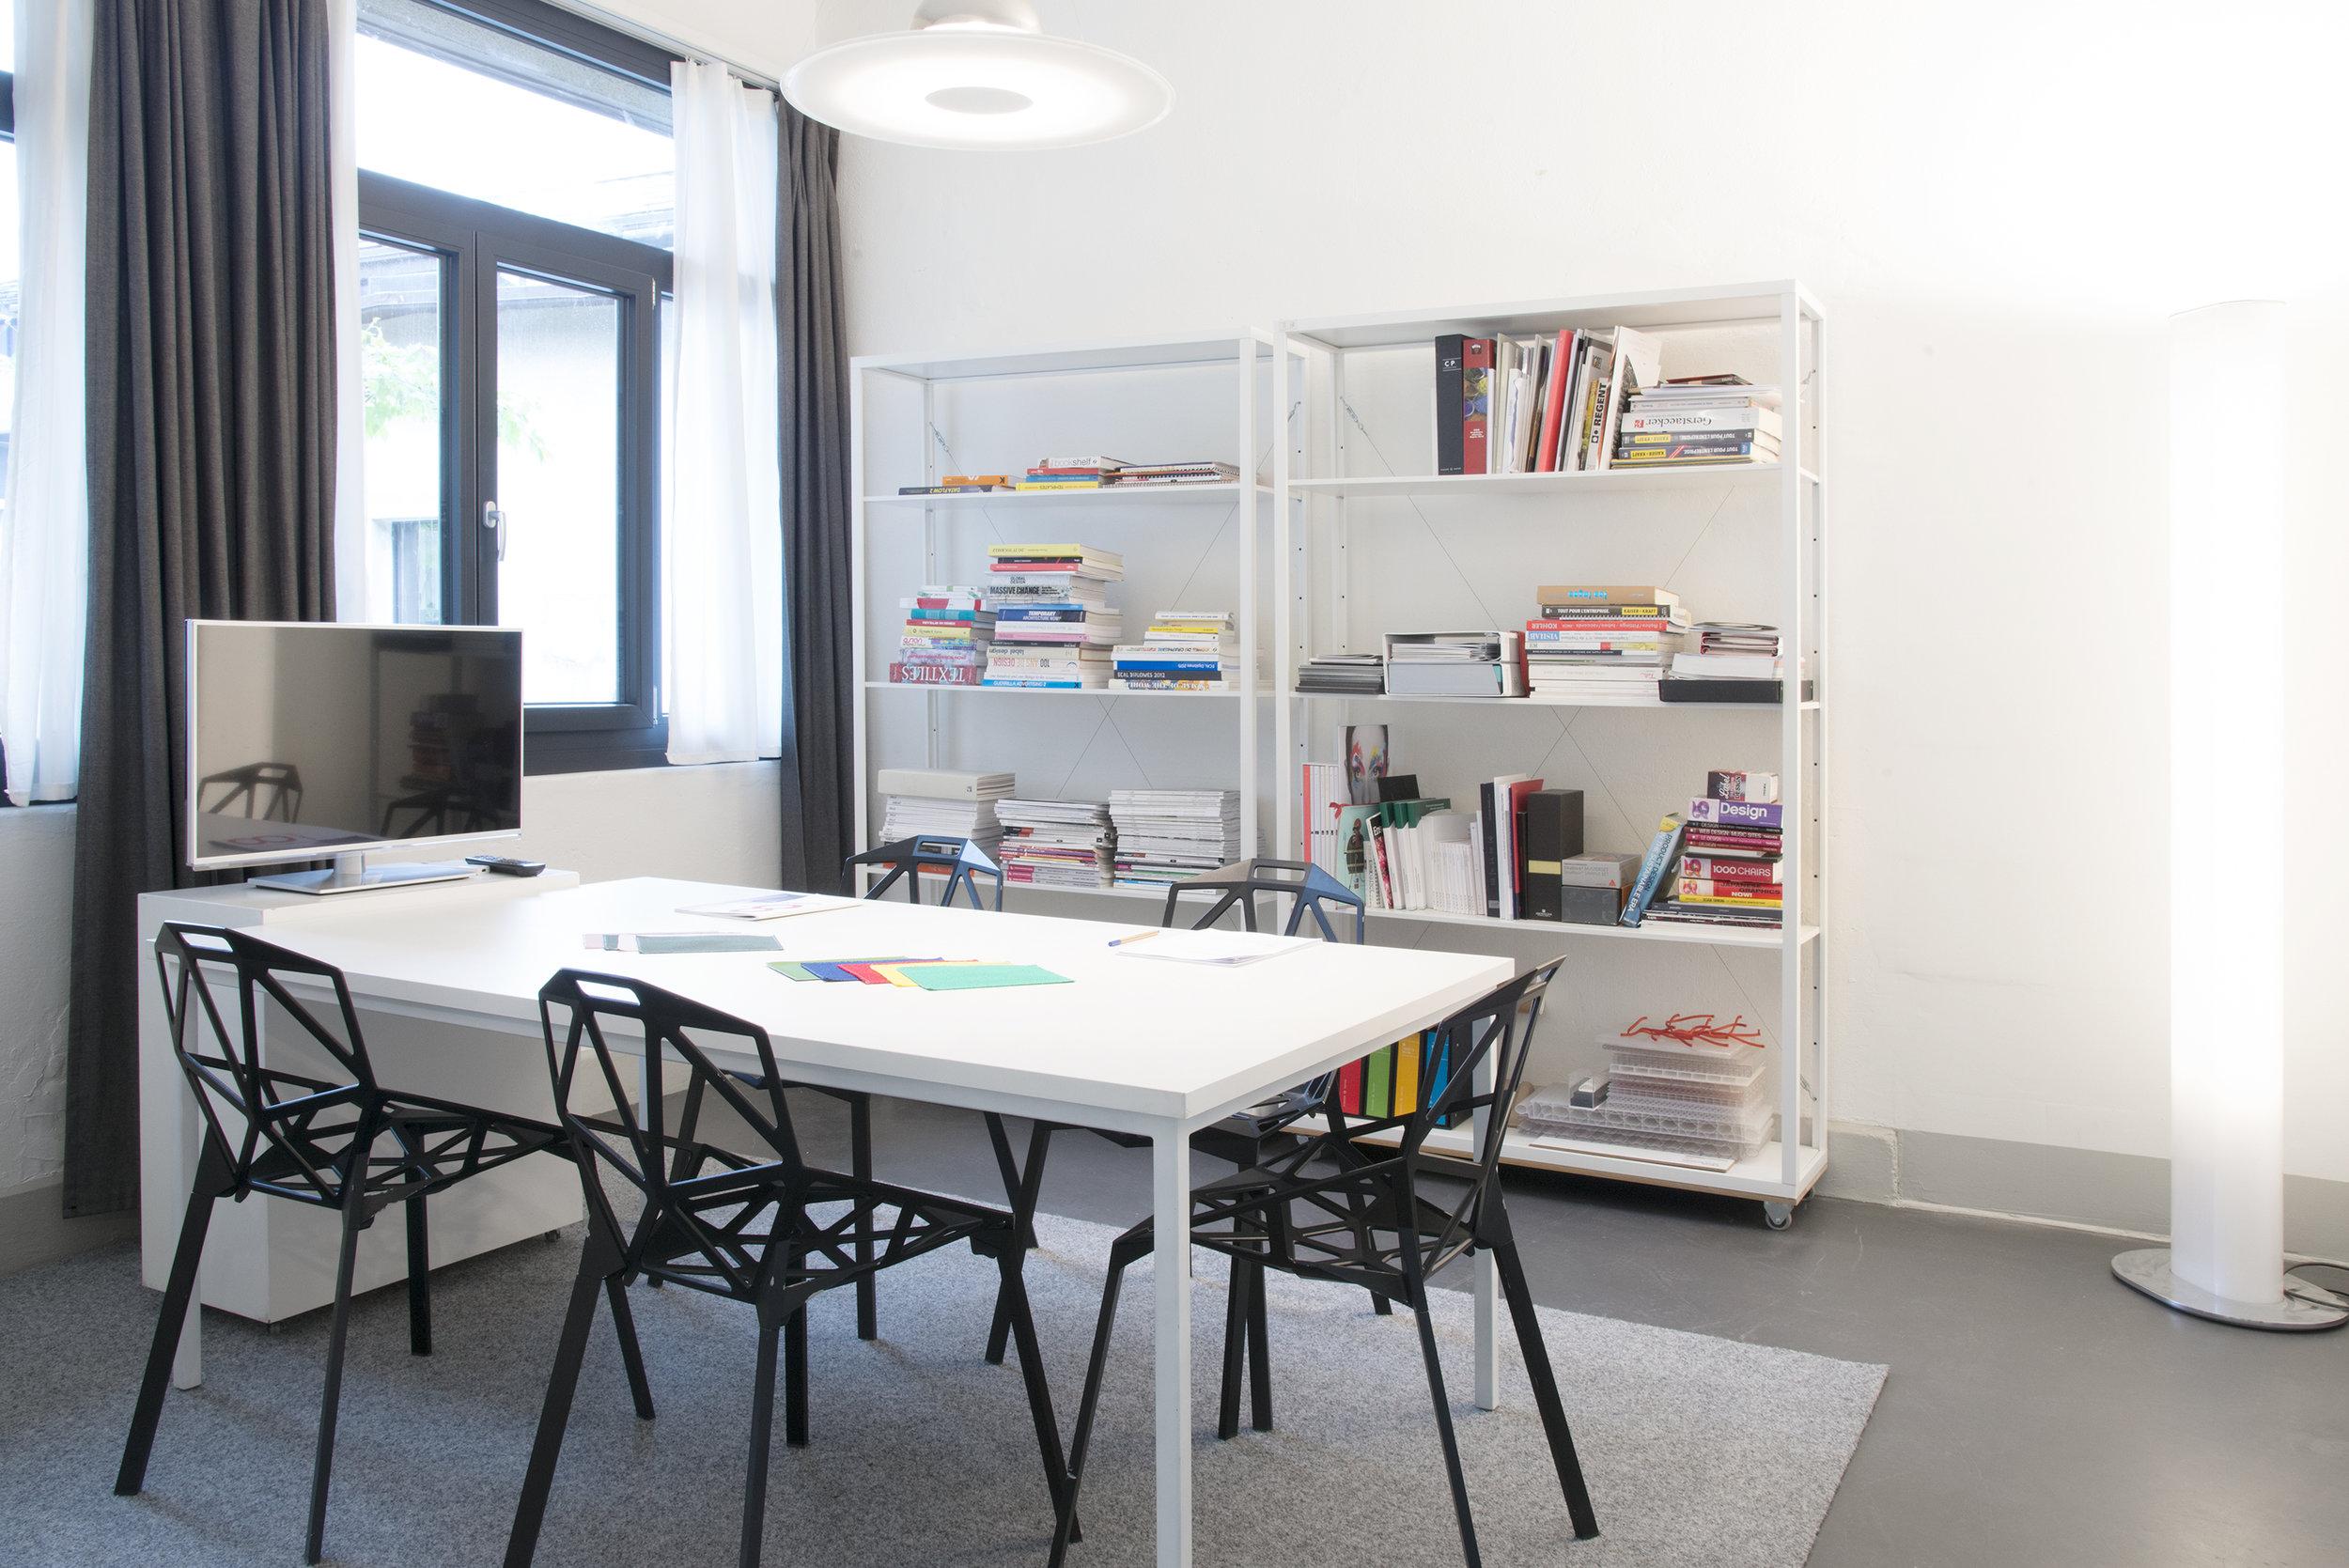 La salle de réunion privative met à disposition un espace plus intime pour l'accueil de clients ou de réunions.